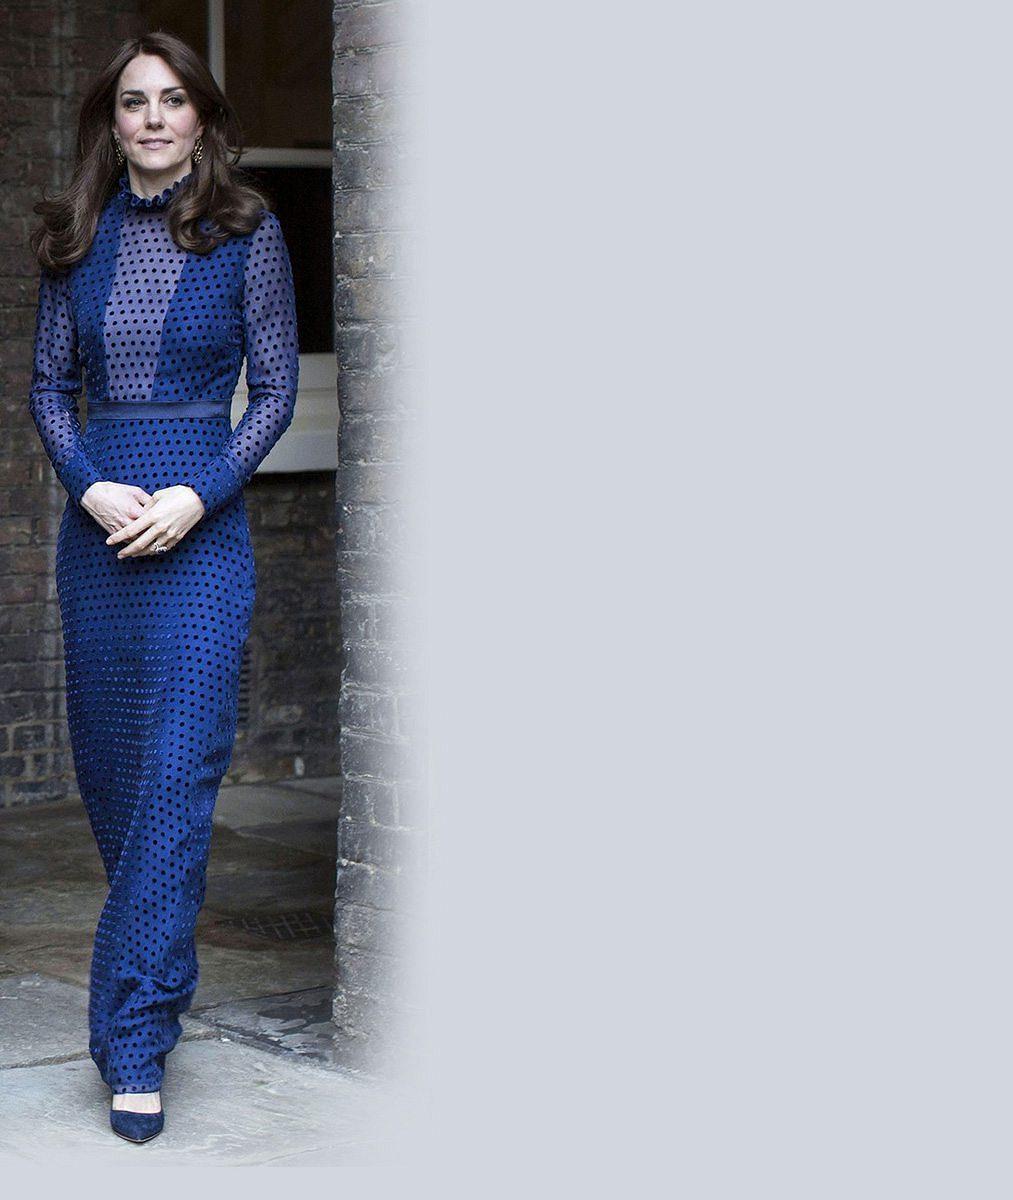 Vévodkyně Kate uvítala v paláci studenty z Indie a Bhútánu v noblesních šatech od indické návrhářky